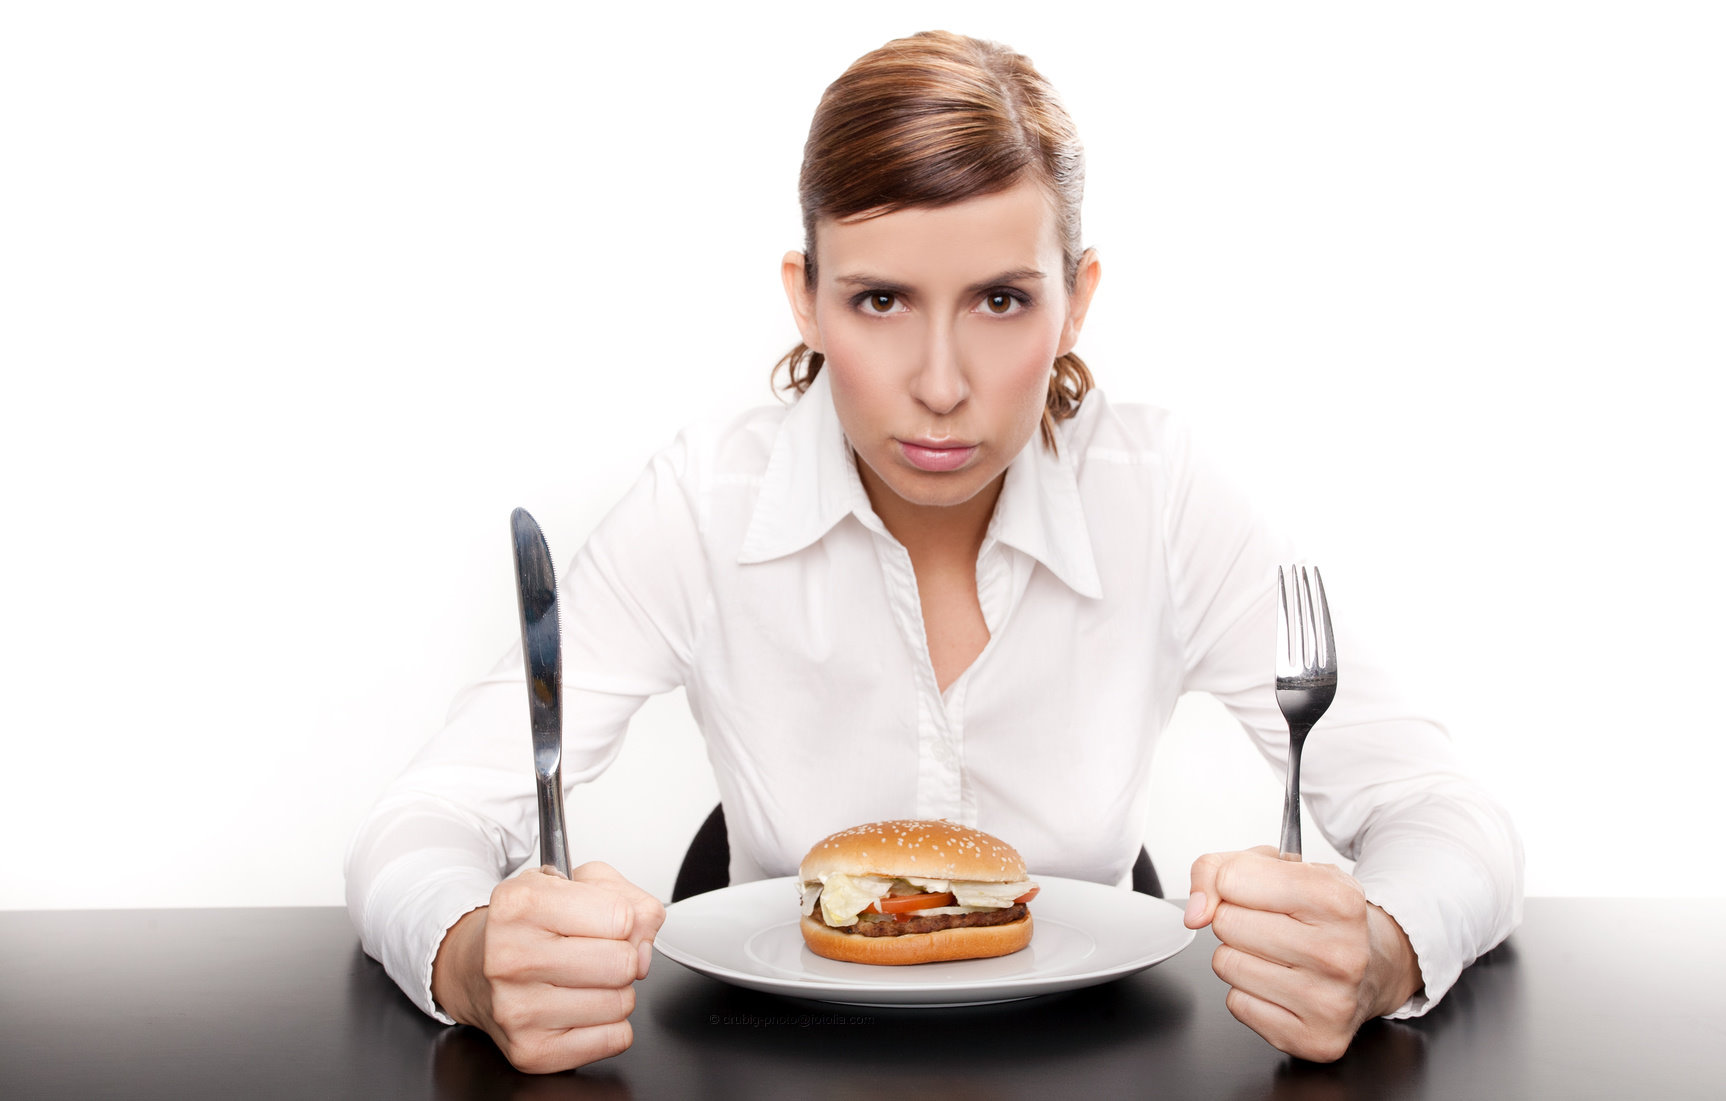 Ein Essen mit dem Personalchef als Teil des Vorstellungsgespaeächs - so meistern Sie es ohne Pannen und Peinlichkeiten!